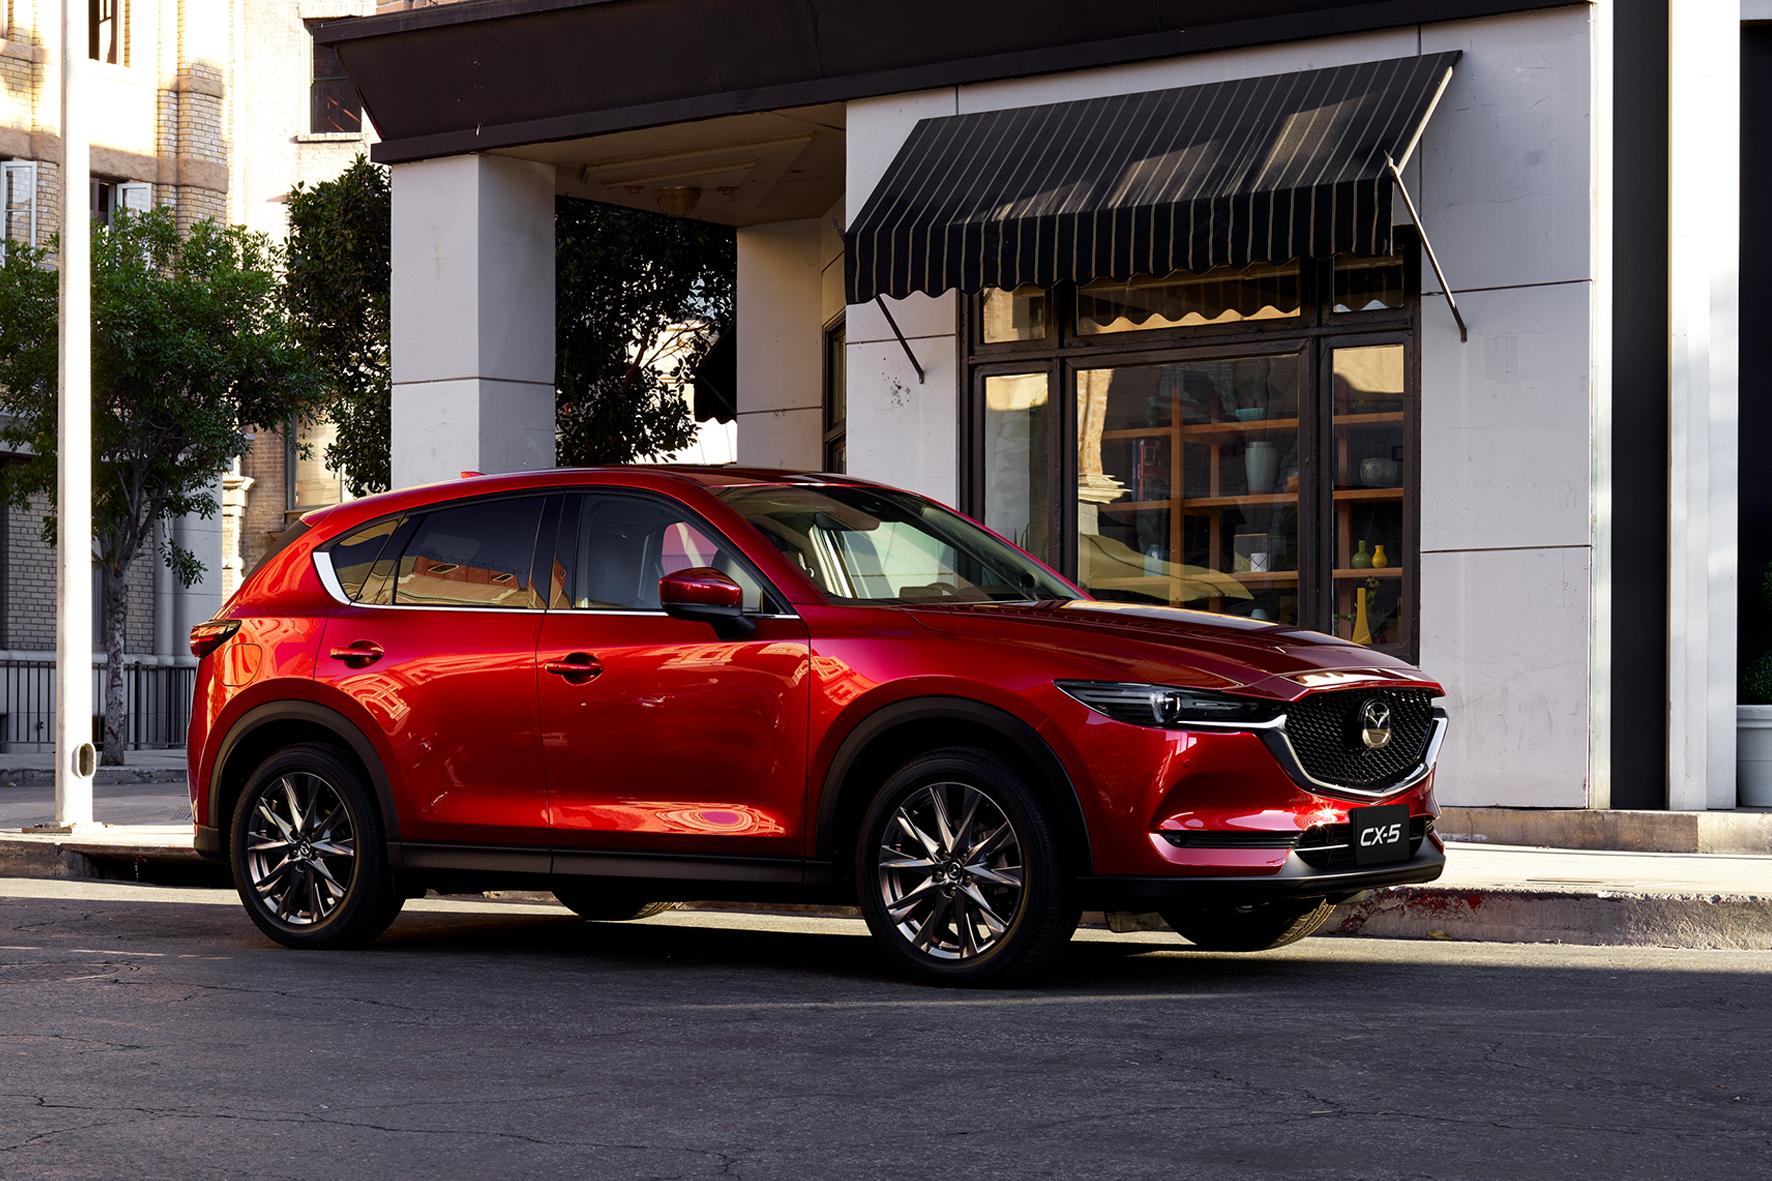 Ưu thế nào giúp Mazda CX-5 'thống lĩnh' phân khúc SUV cỡ trung tại Việt Nam? - Ảnh 2.